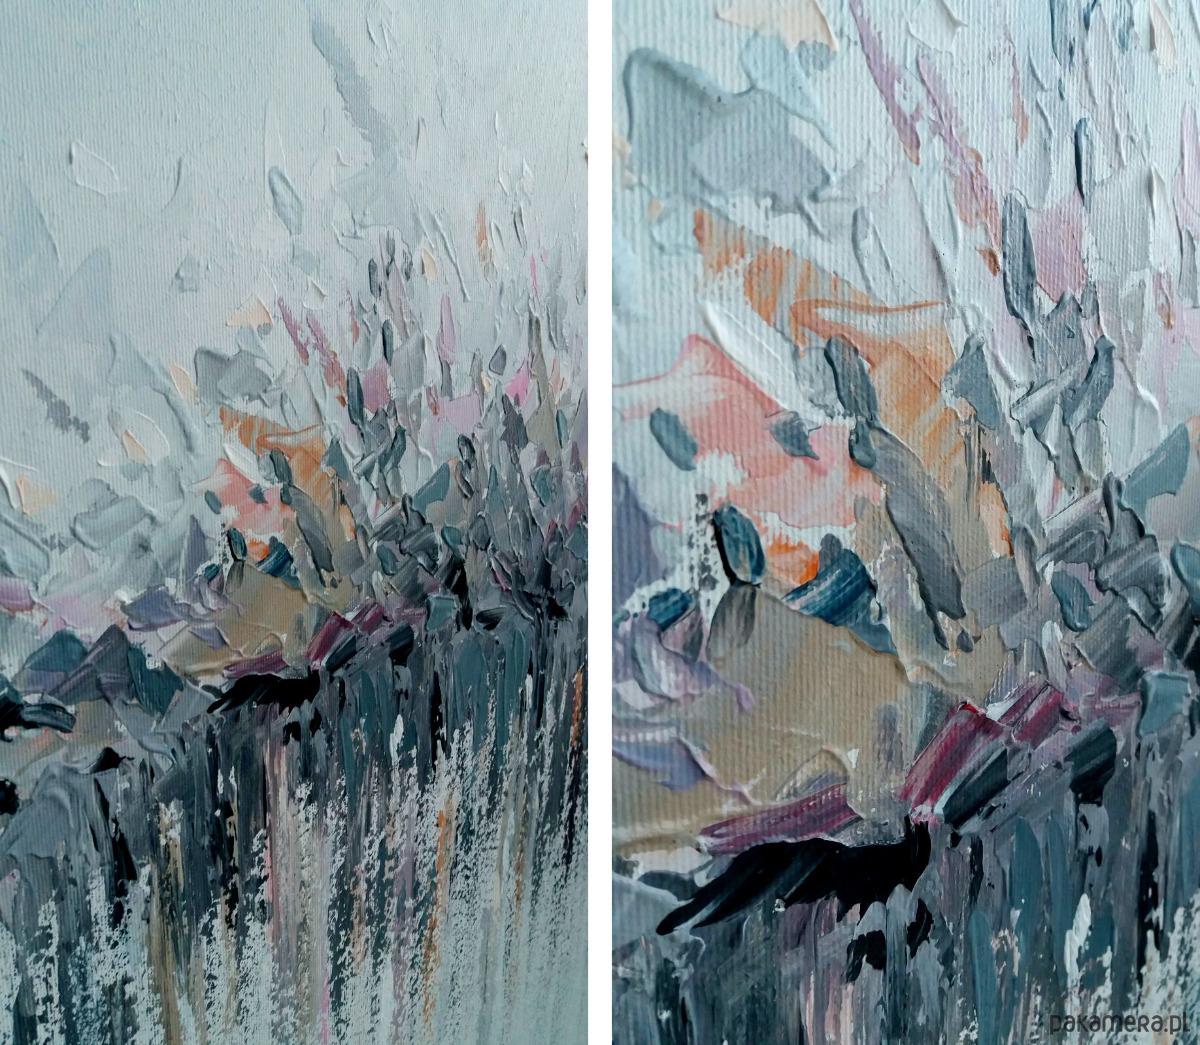 Malarstwo Obraz 100x100 Cm Farby Akrylowe Malarstwo Pakamerapl